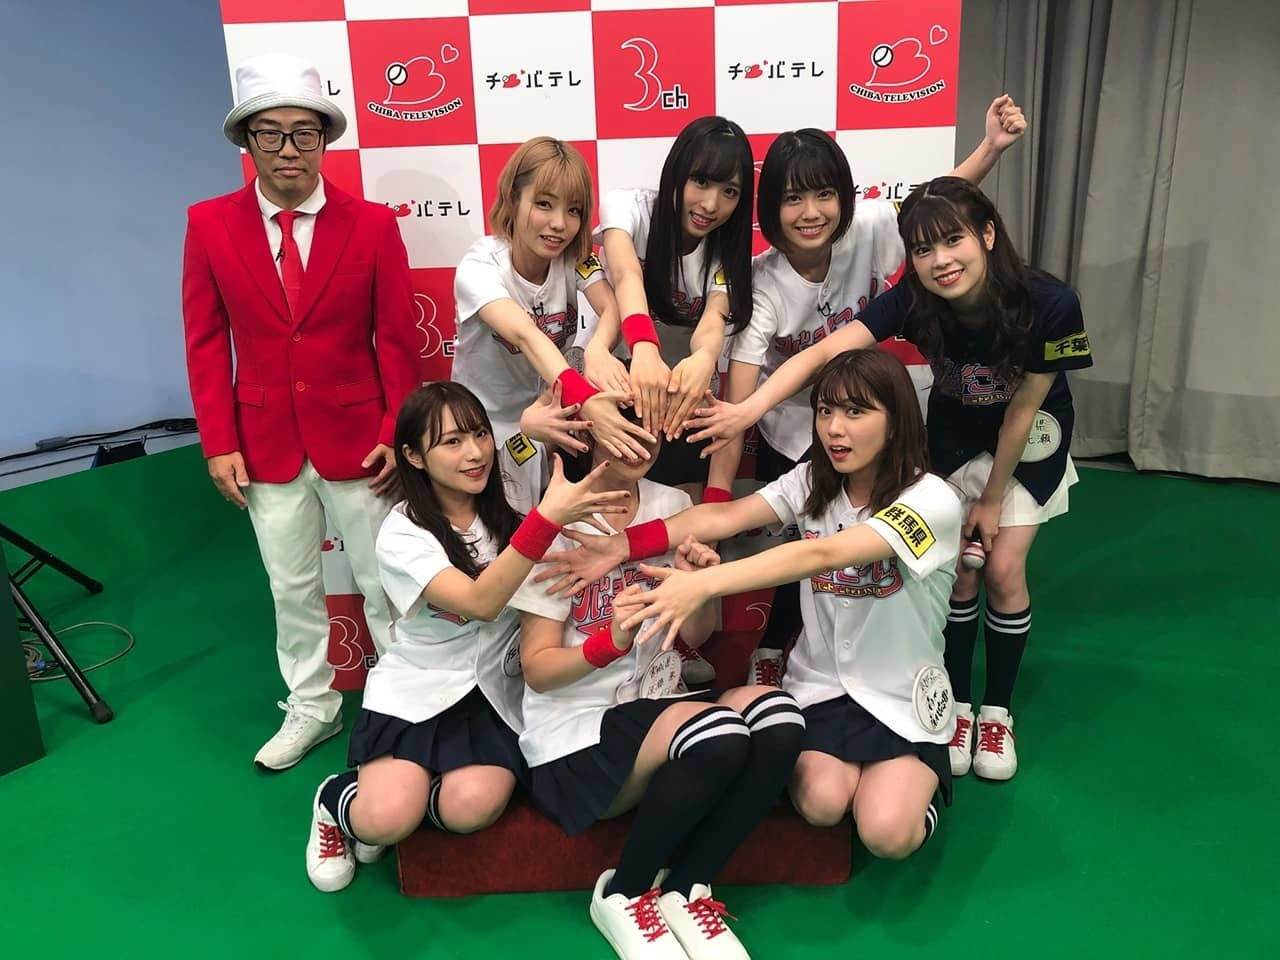 第1回AKB48グループ過剰力No.1決定戦を開催! チバテレ「AKB48チーム8のKANTO白書 バッチこーい!」#50 [10/20 23:30~]